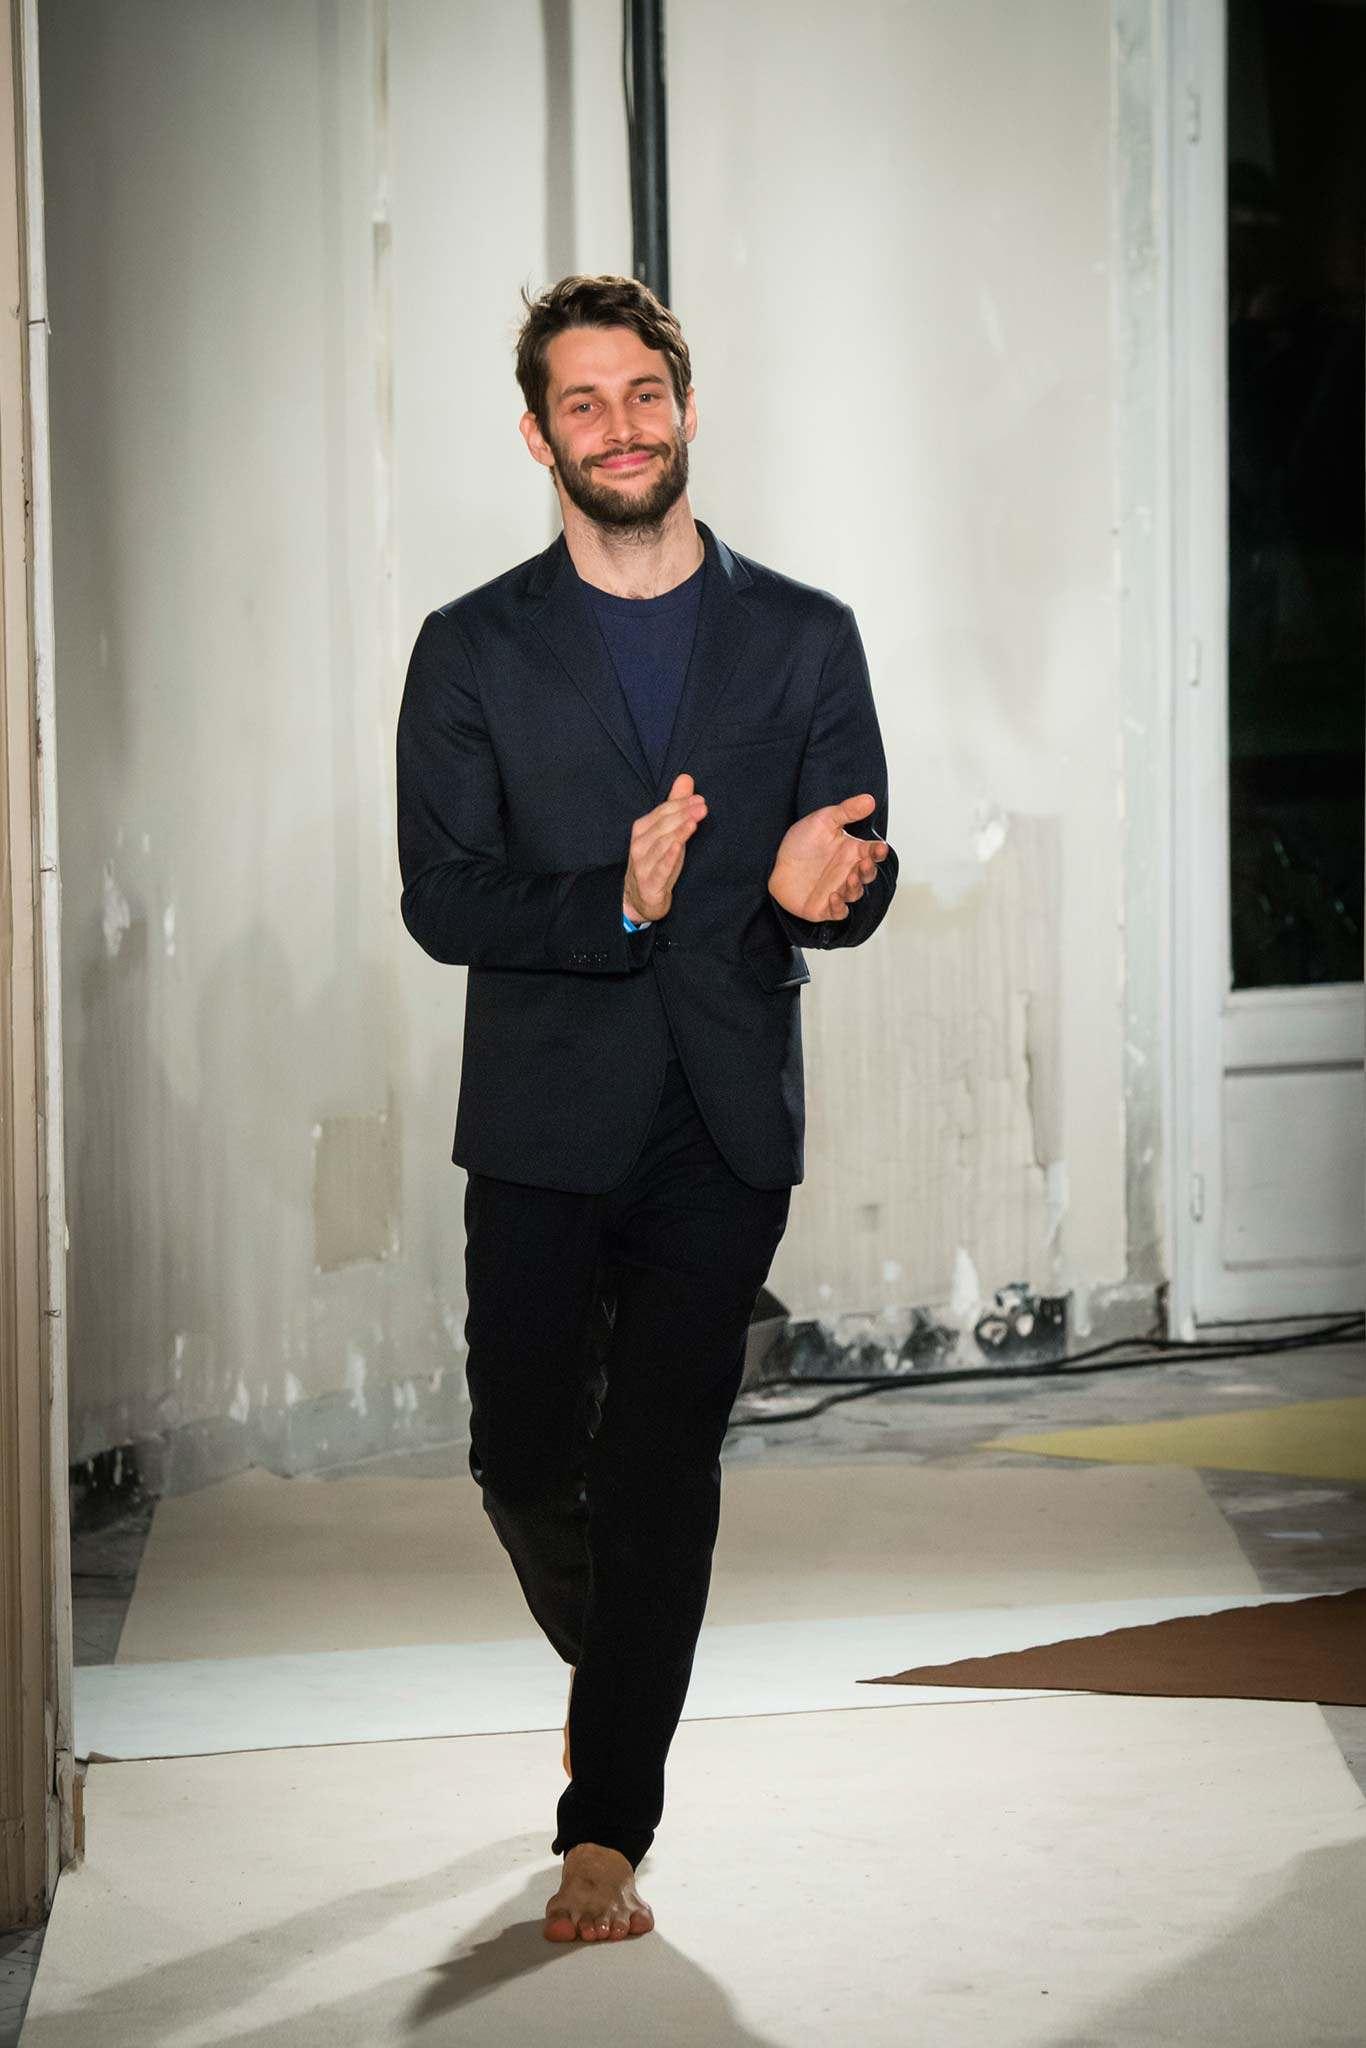 Ils ont fait 2015 simon porte jacquemus prix sp cial du jury lvmh num ro magazine - Simon porte jacquemus instagram ...